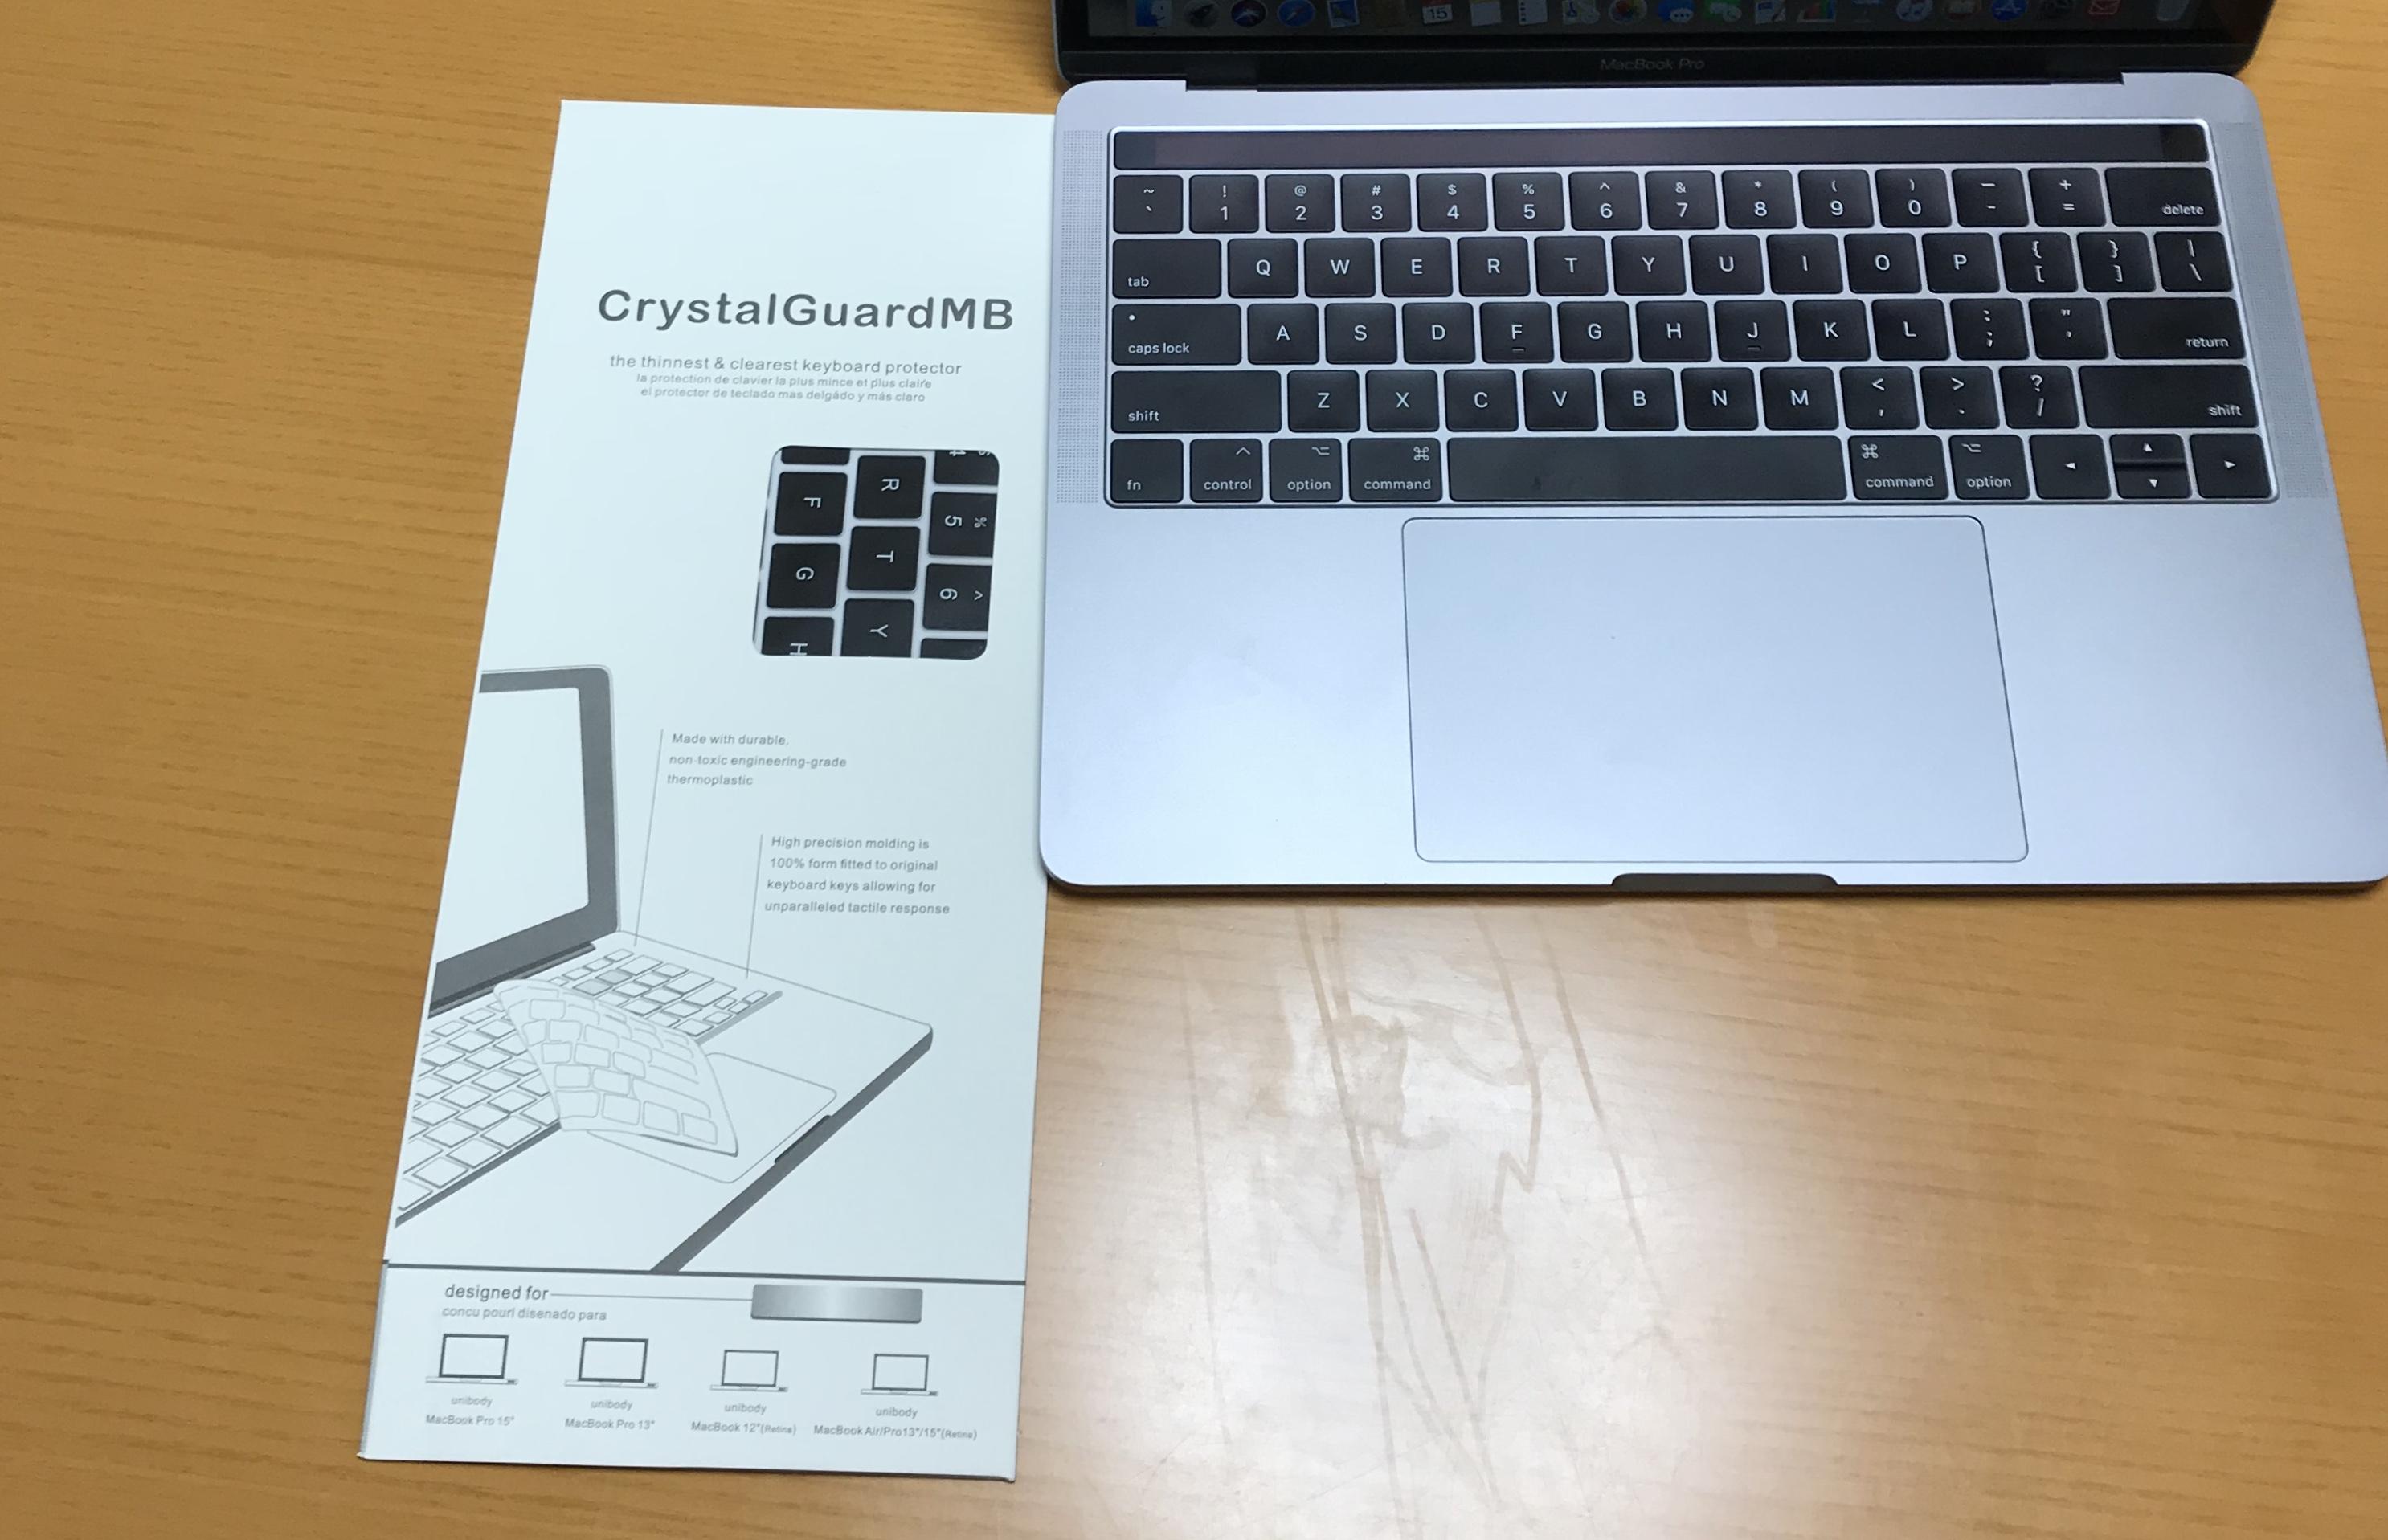 Mac book Proをアップルで購入。USキーボードの納期は約2週間かかります!